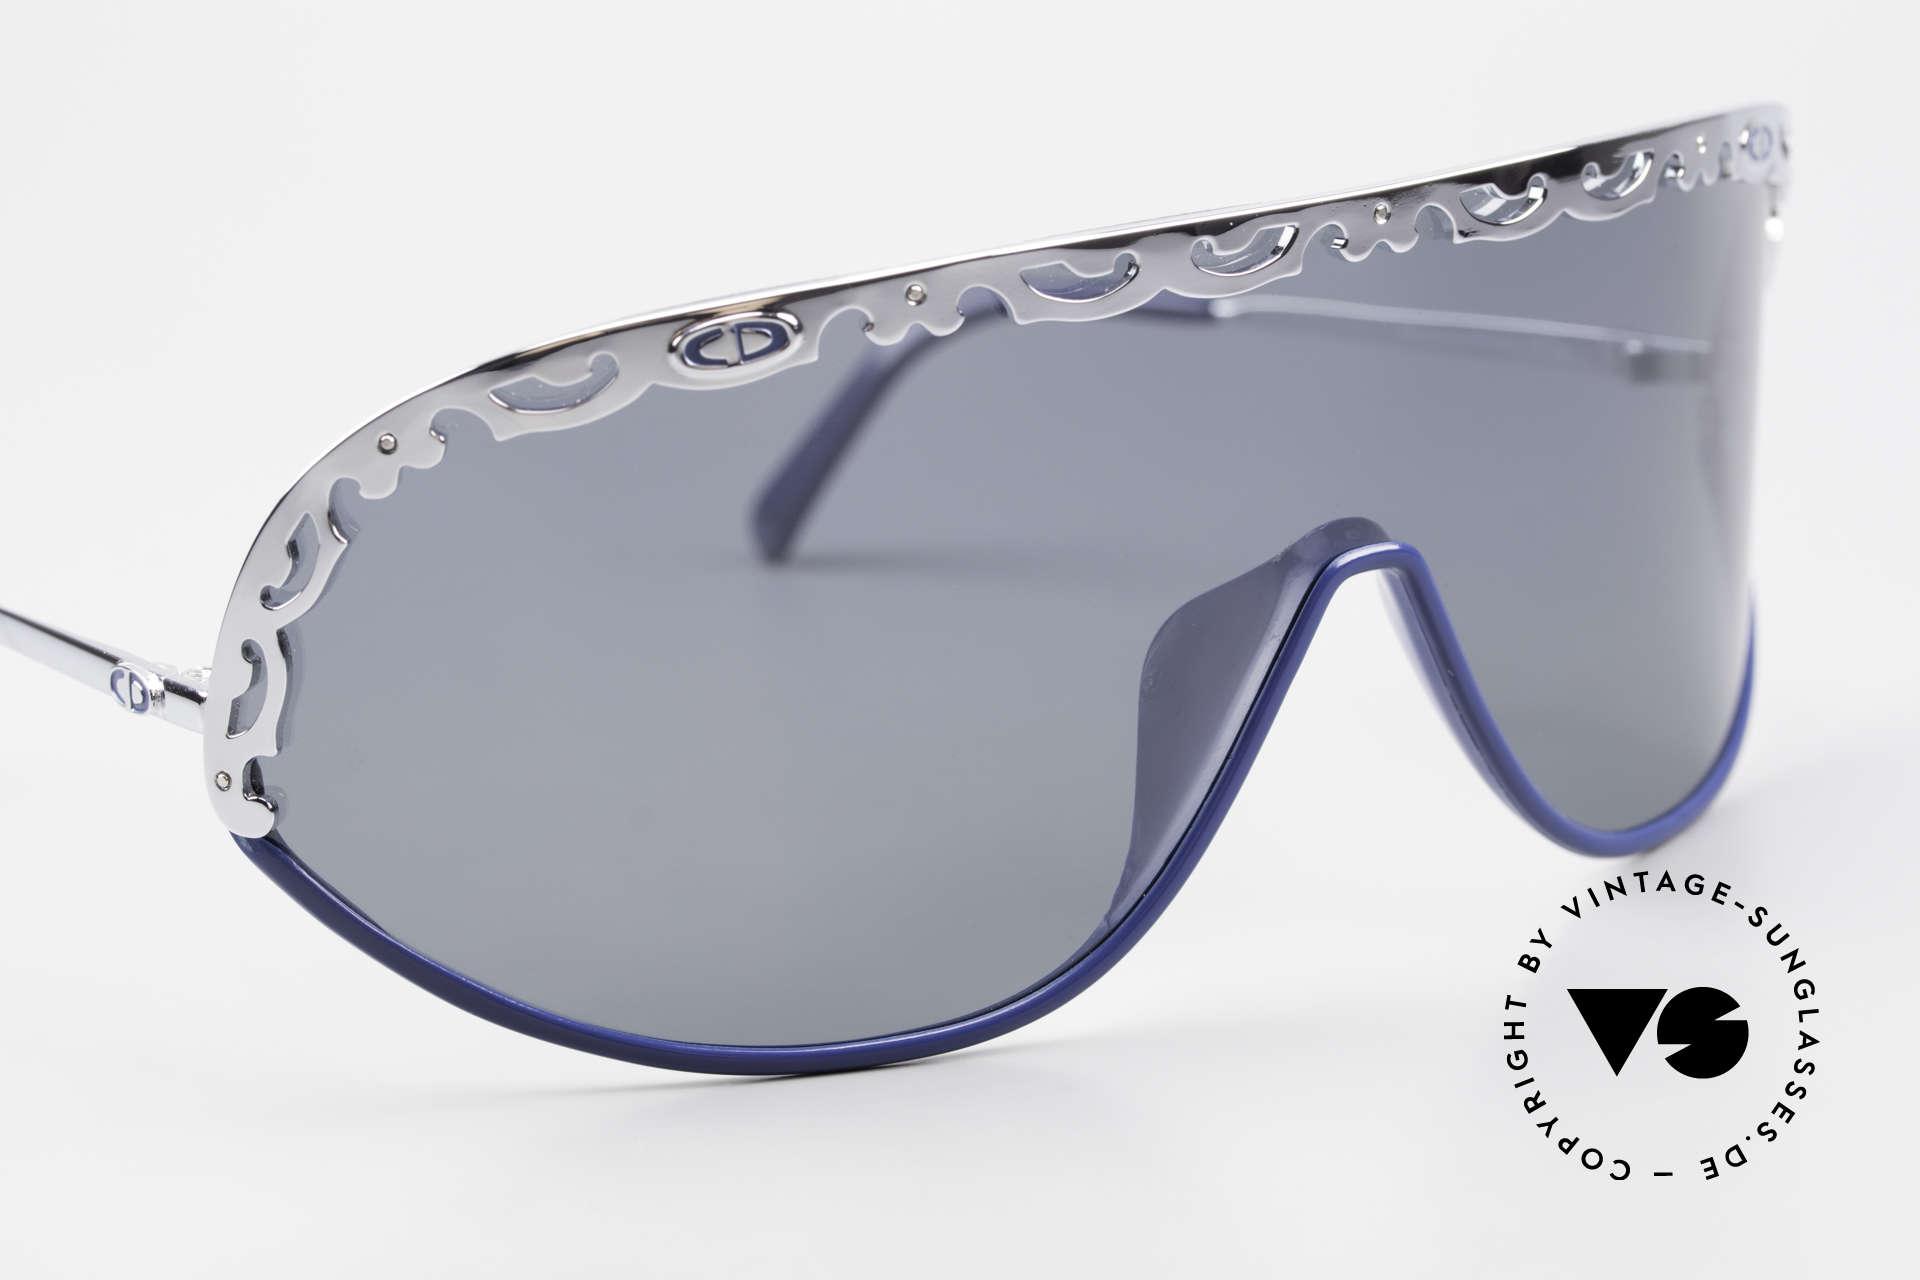 Christian Dior 2501 Panorama View Designerbrille, KEINE RETROmode; eine 30 Jahre alte vintage Rarität!, Passend für Damen